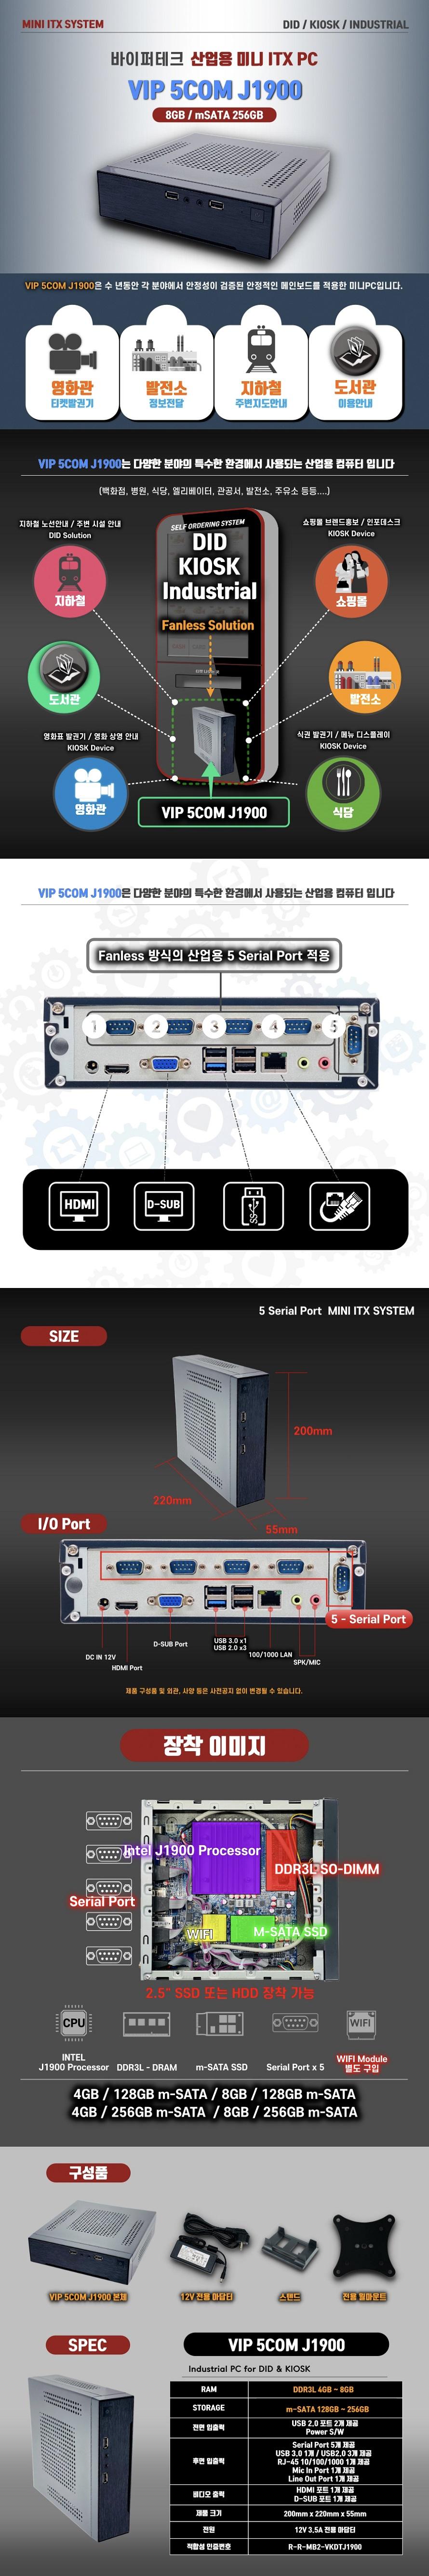 바이퍼테크 VIP 5COM J1900 (8GB, mSATA 256GB)